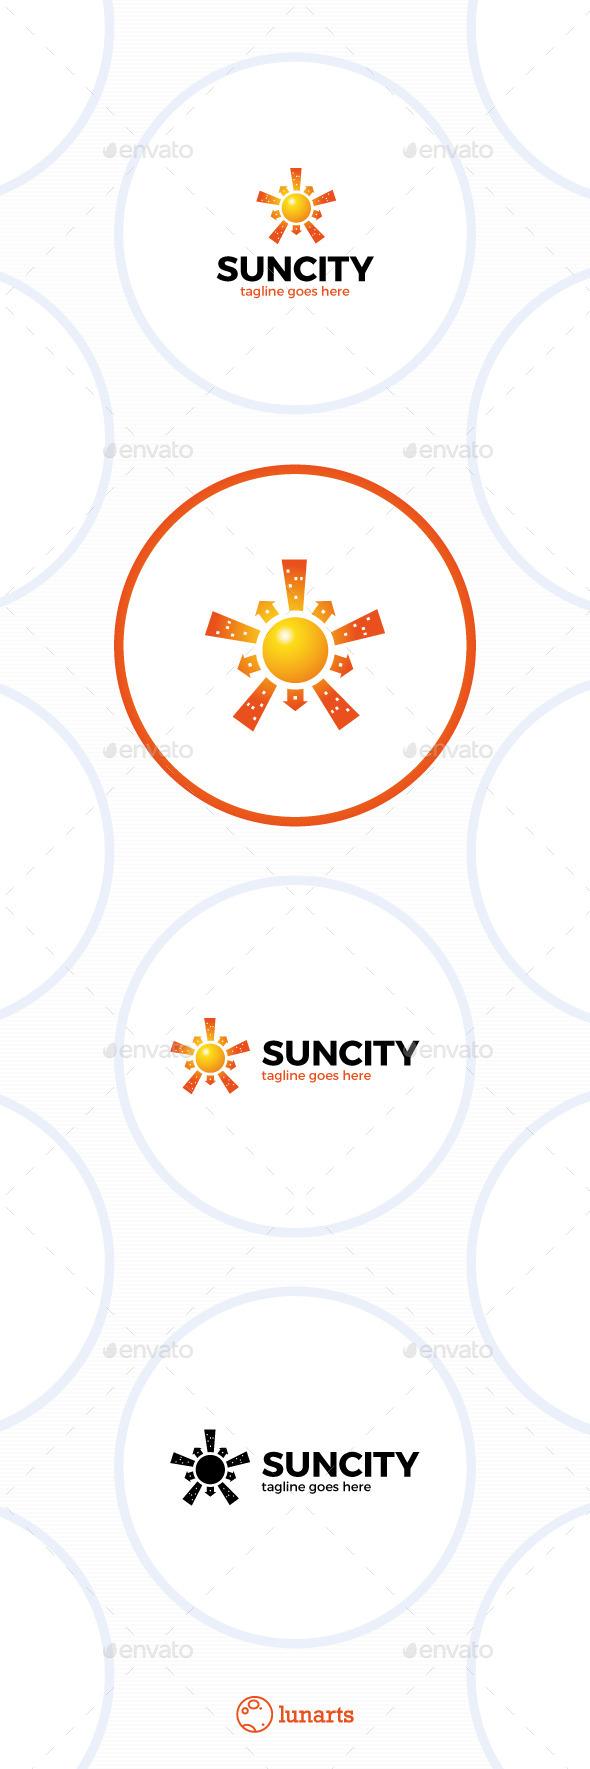 Sun City Logo - Star Town